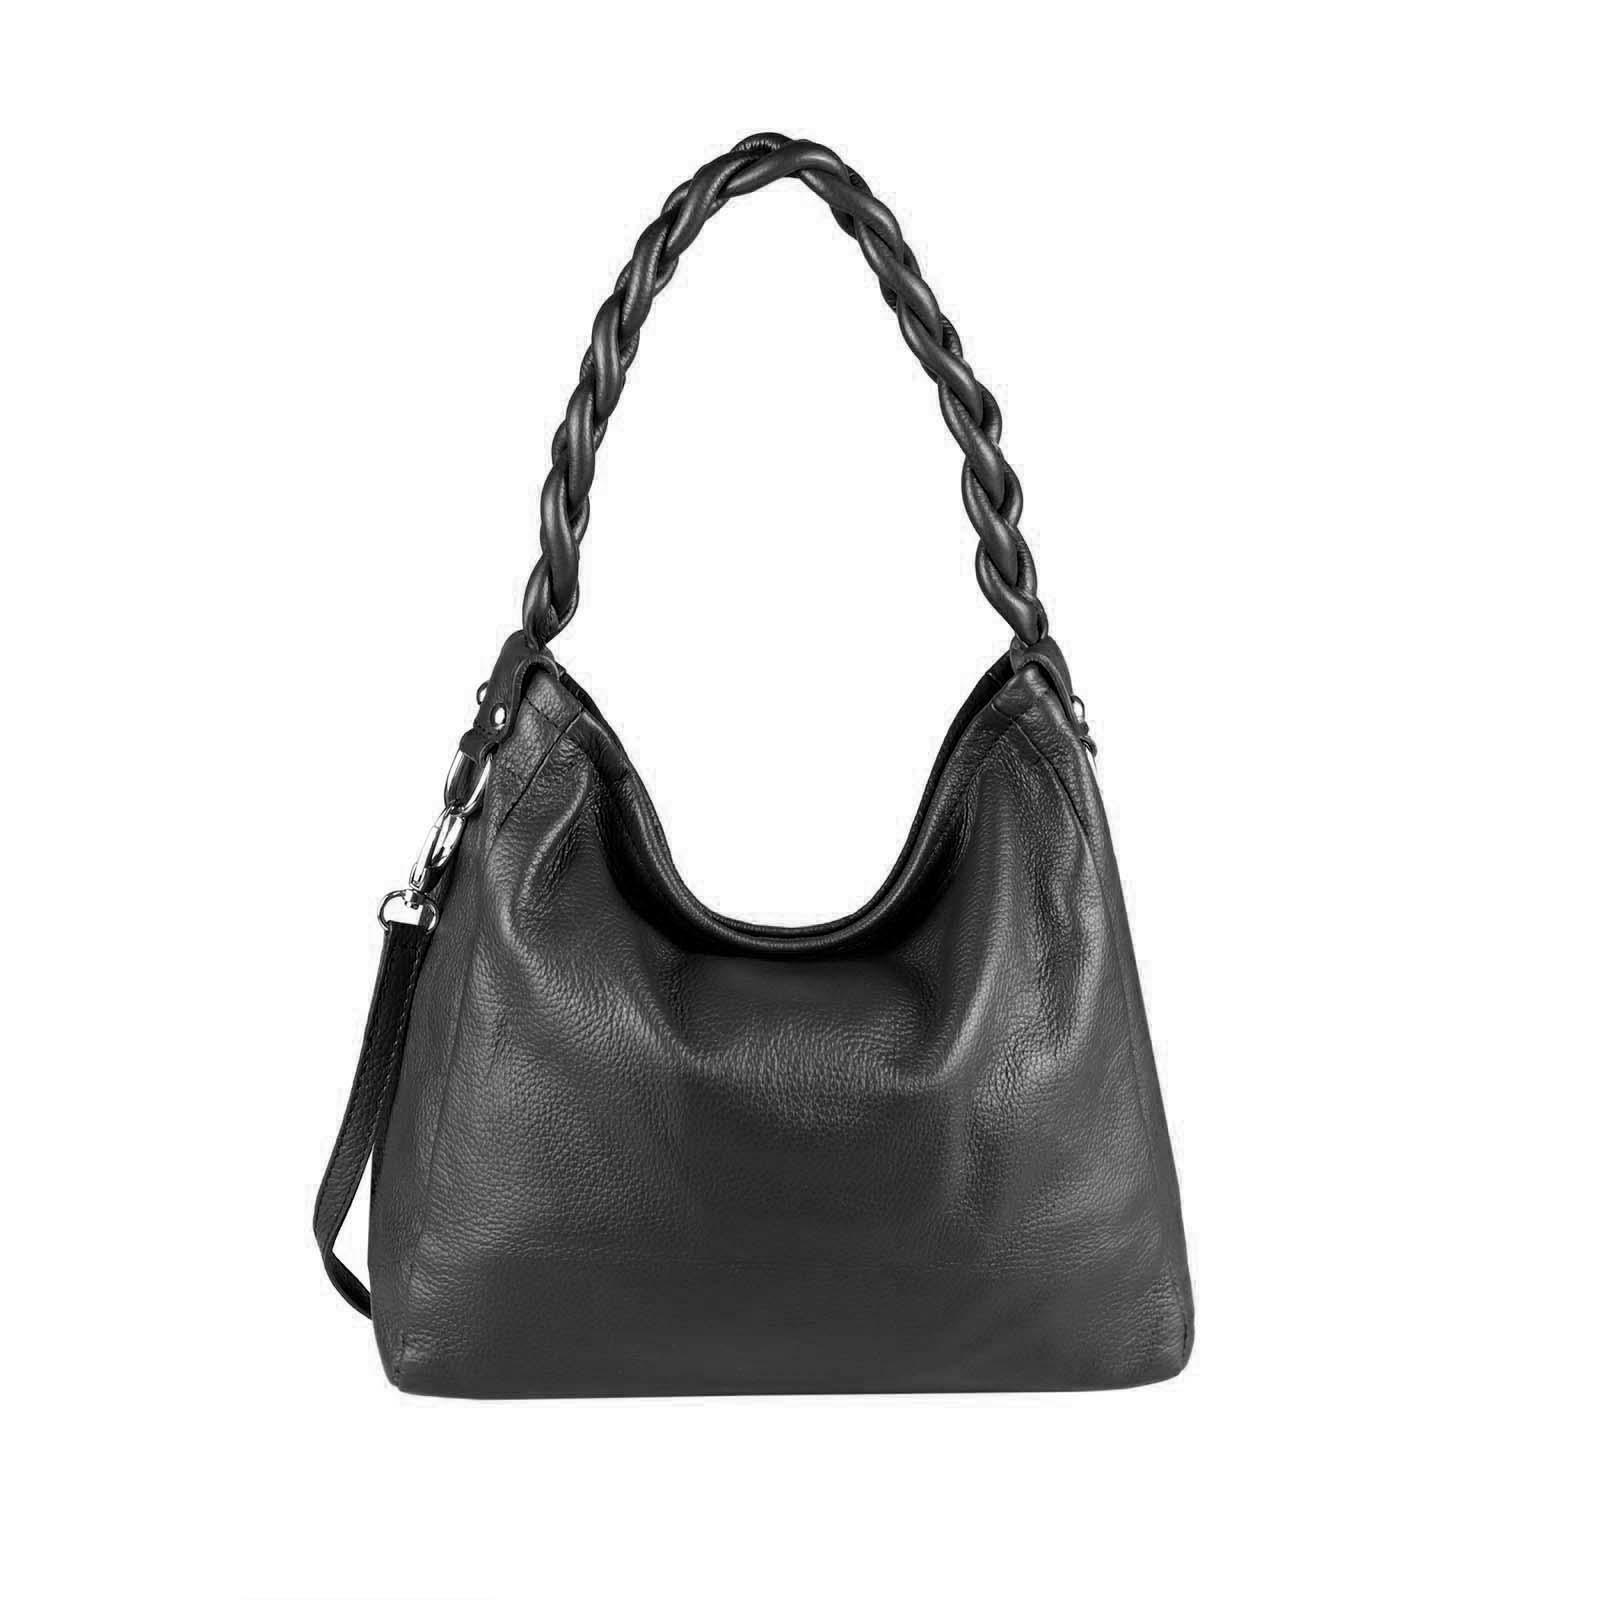 OBC Made in Italy Damen Leder Tasche Shopper Handtasche